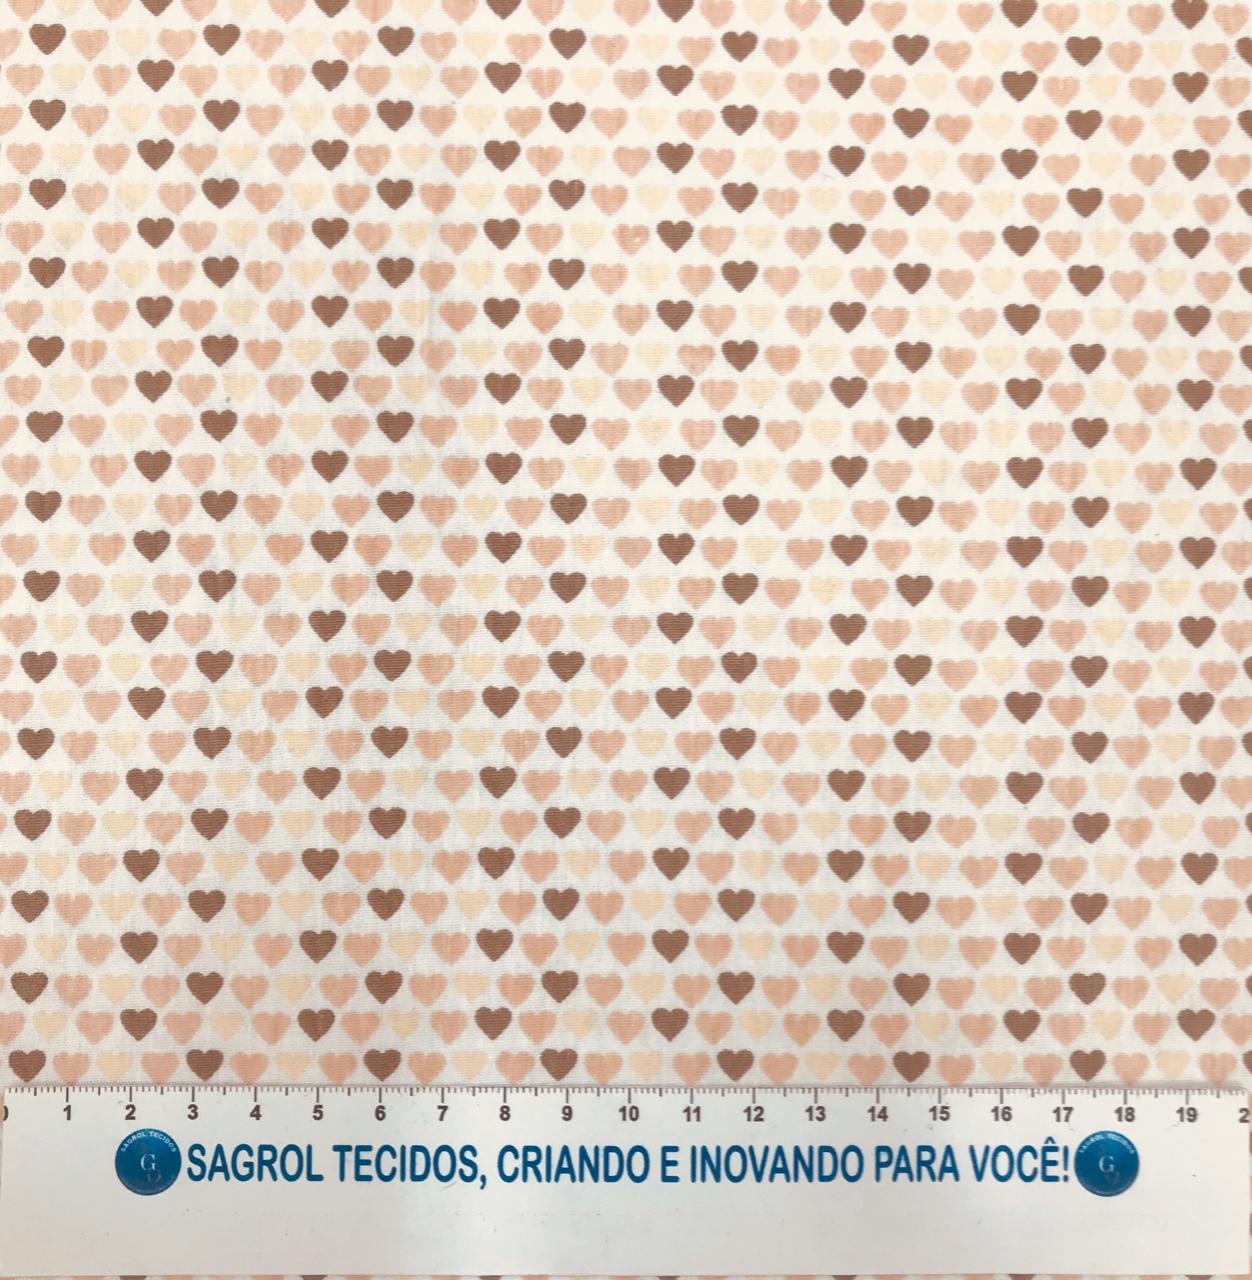 TECIDO TRICOLINE ESTAMPA CORAÇÕES 100% ALGODÃO COM 1,50 LG- REF. 597